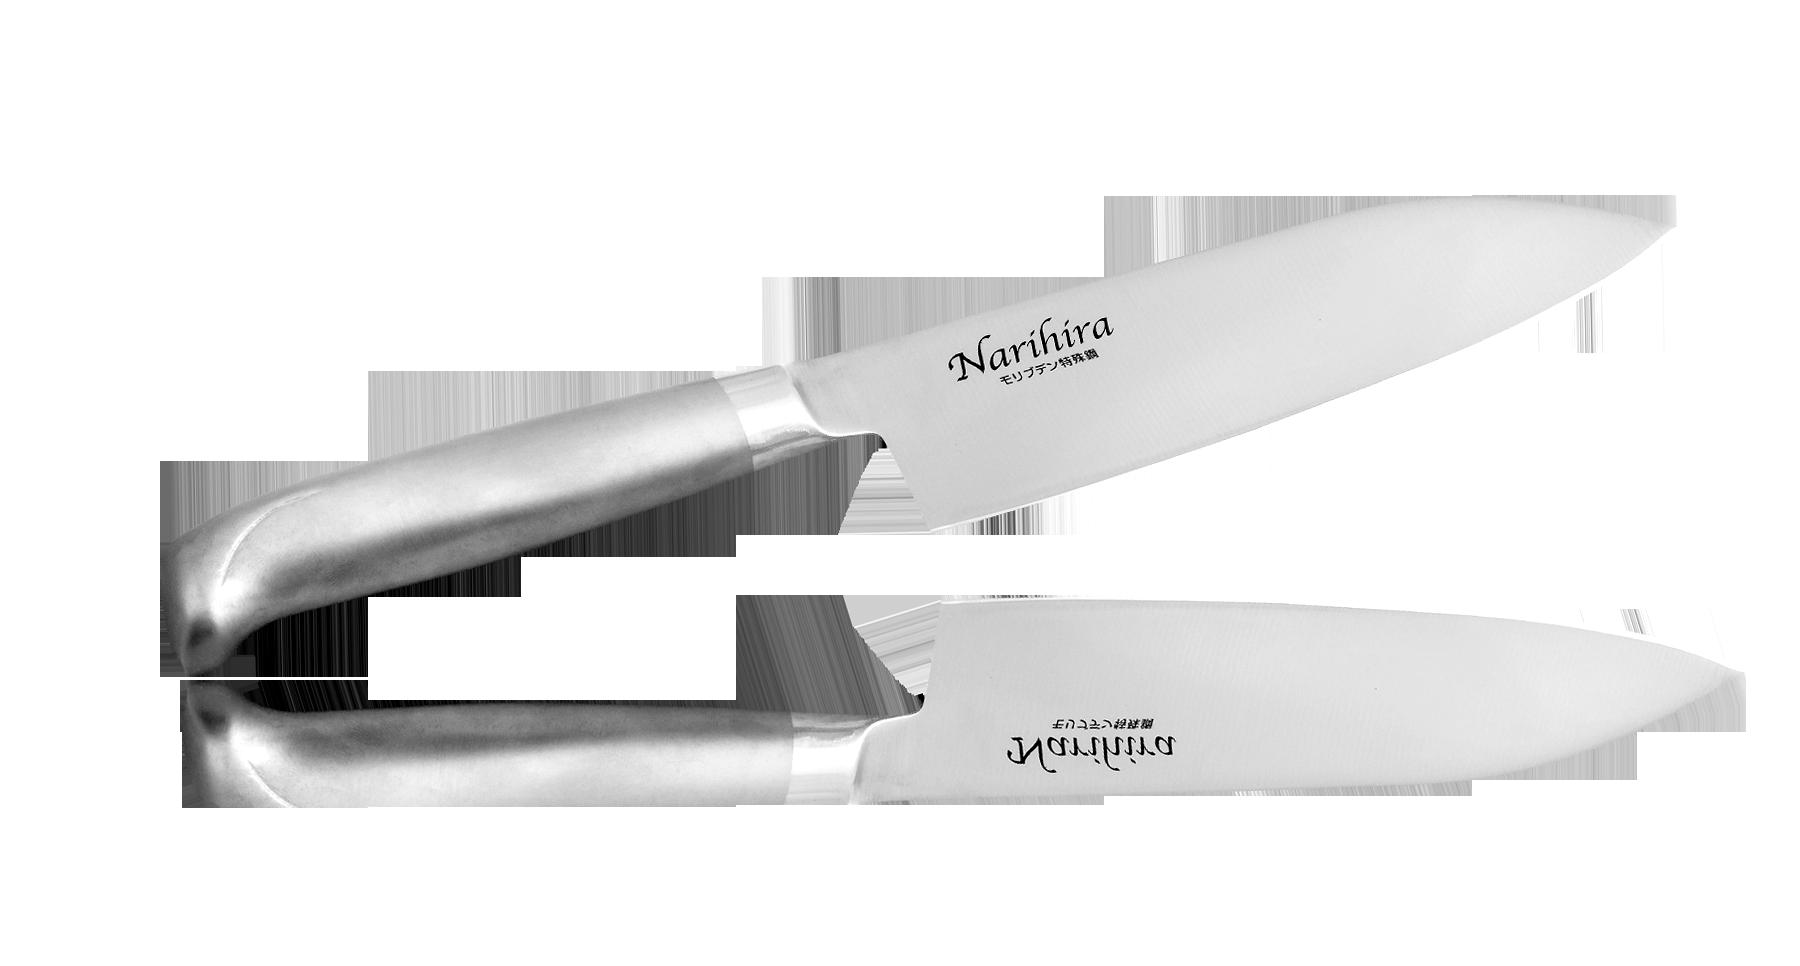 Нож Сантоку Narihira 170 мм, сталь AUS-8, стальная рукоять киев труба стальная 10х0 8 10х0 8